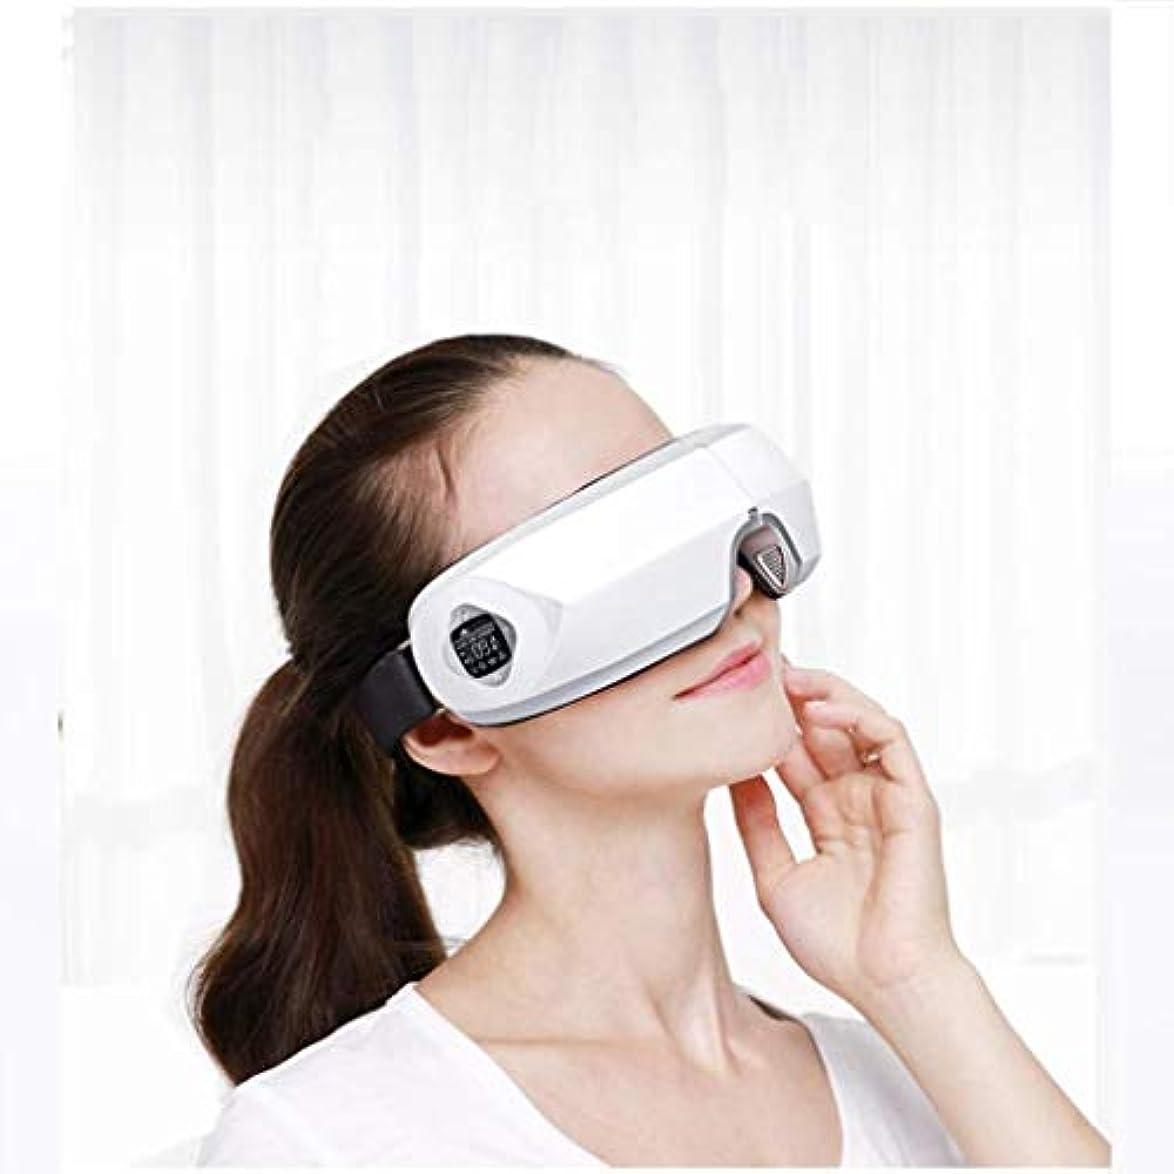 フォーマル蒸発する統合アイマッサージャー、折り畳み式ポータブルマイナスイオンアイマッサージアイプロテクター、視力を保護し、疲労を軽減する熱アイマスク